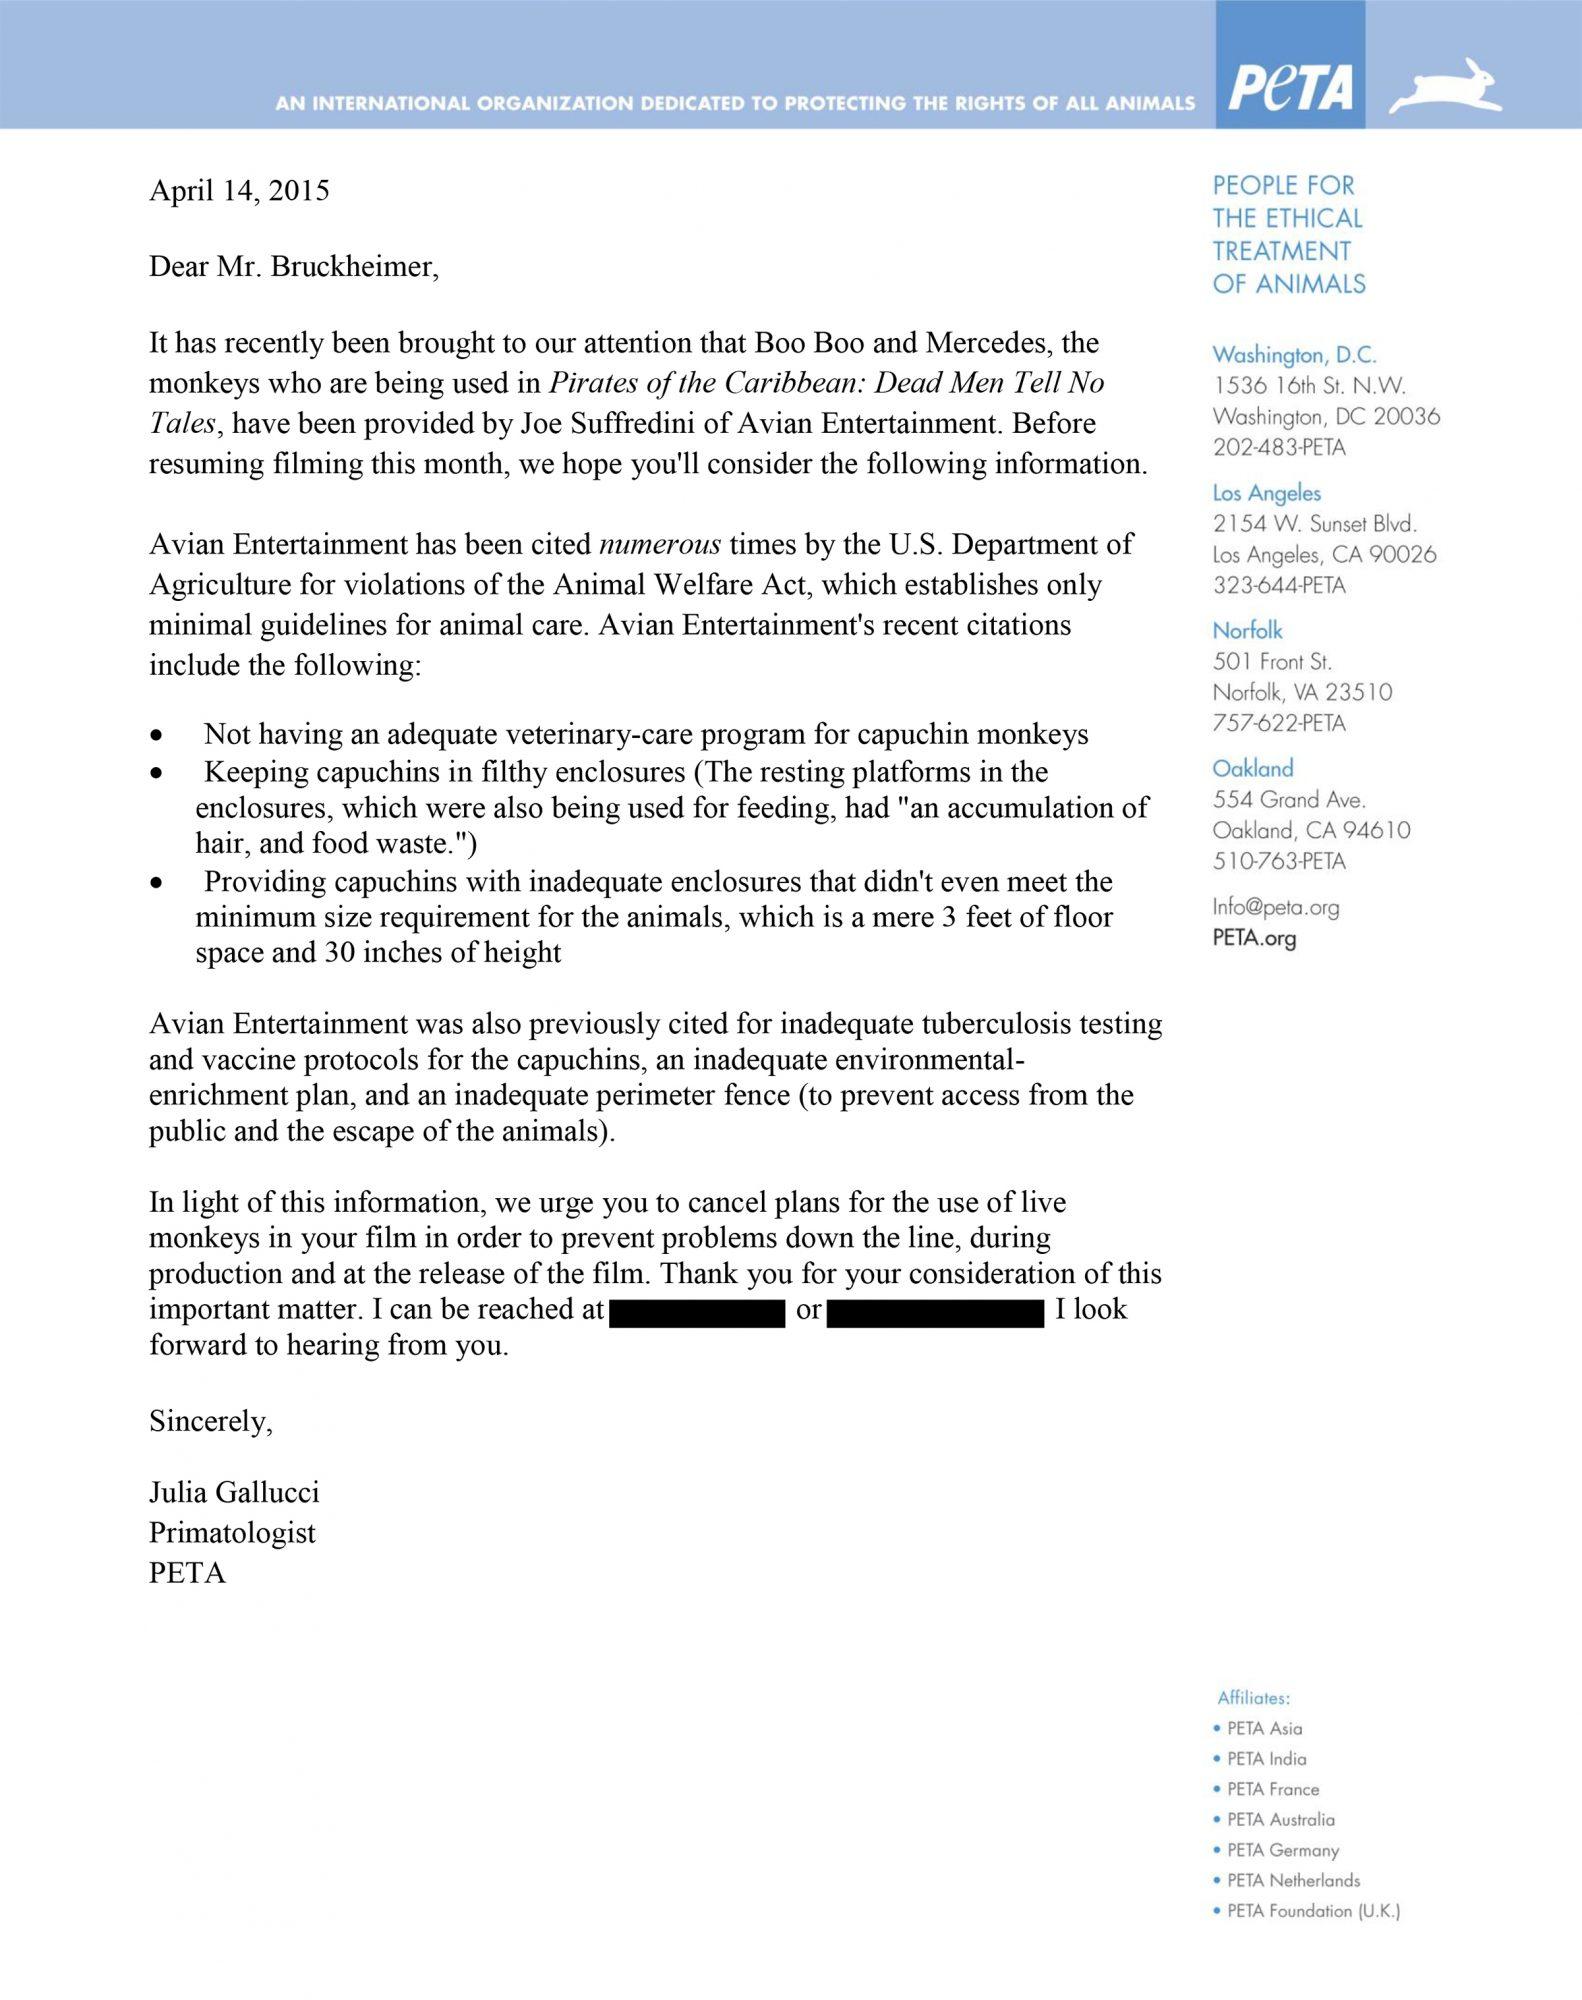 Letter-for-Jerry-Bruckheimer---April-2015_Redacted